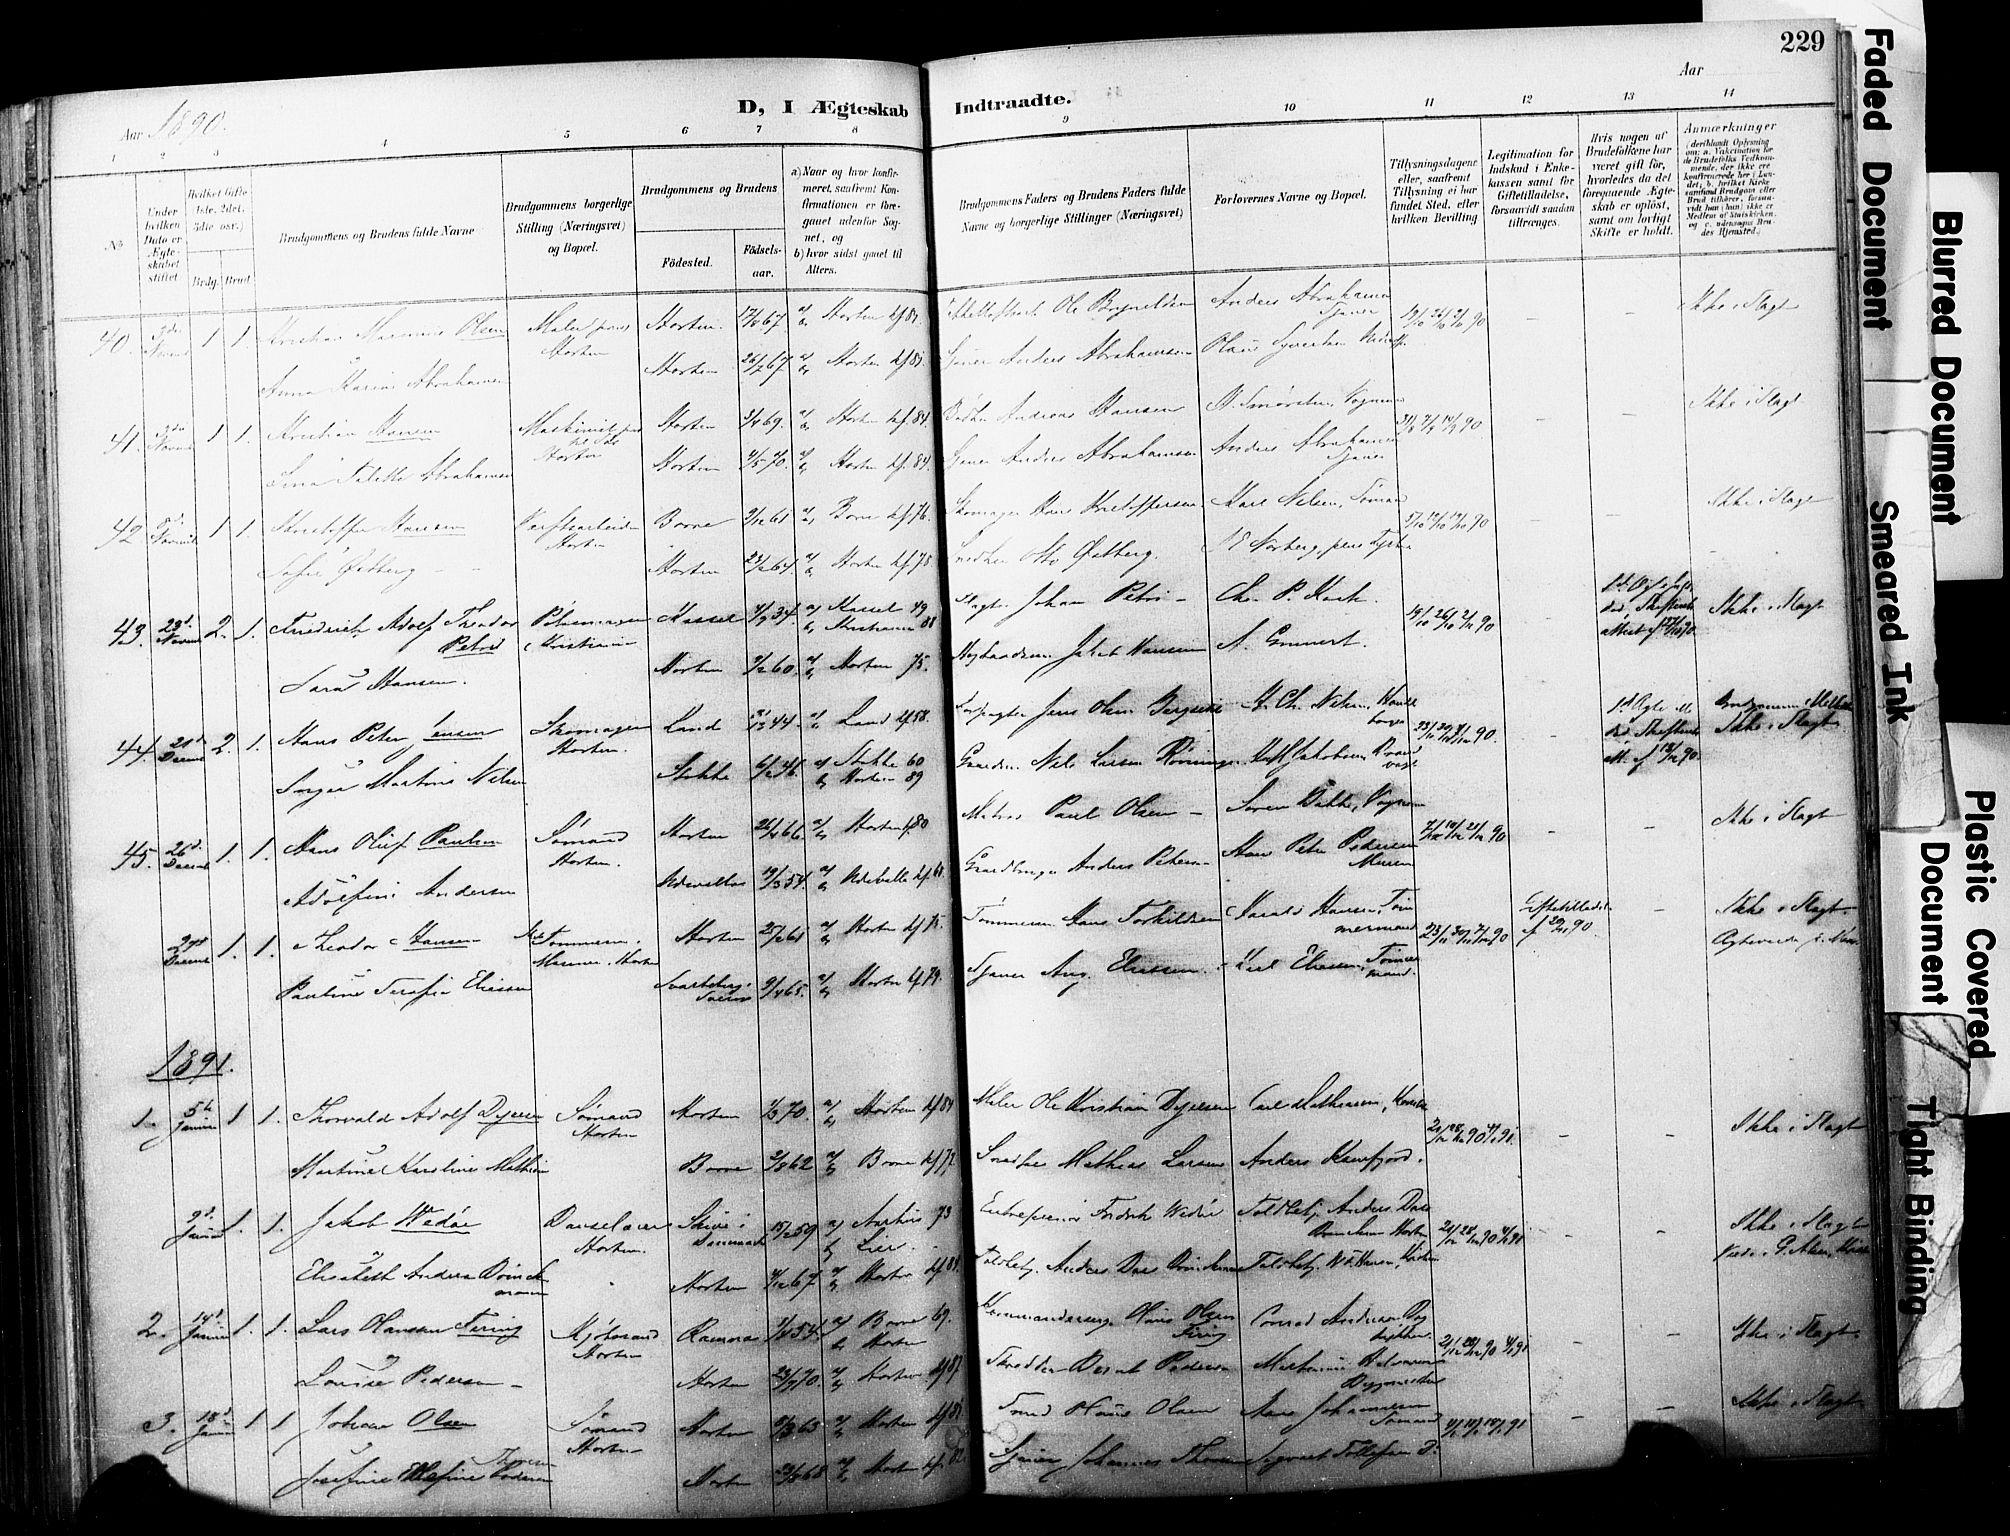 SAKO, Horten kirkebøker, F/Fa/L0004: Ministerialbok nr. 4, 1888-1895, s. 229